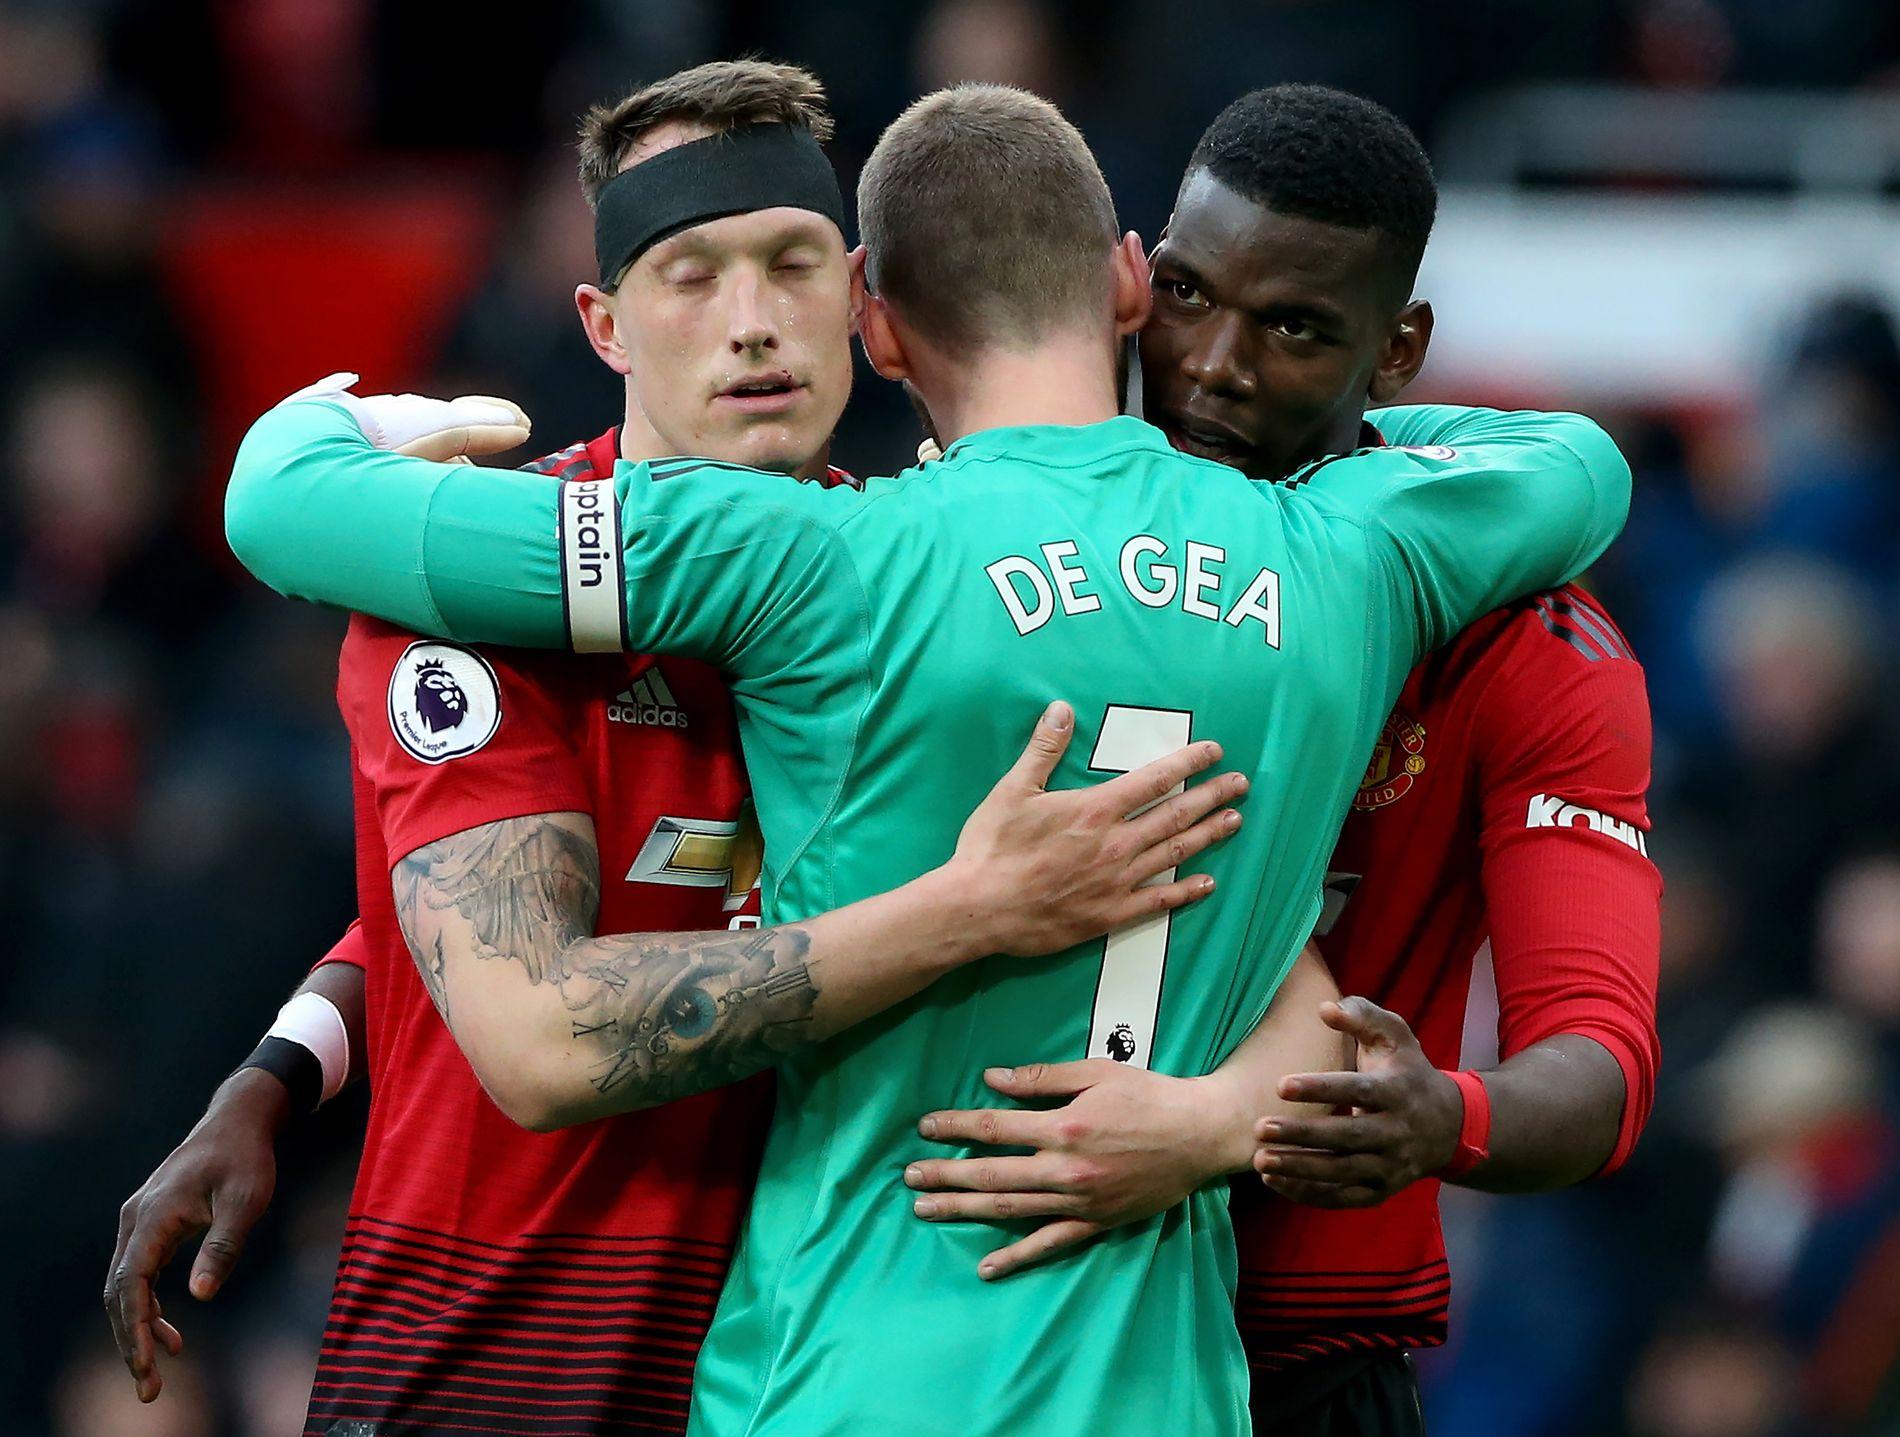 LETTEDE MENN: Phil Jones, David de Gea og Paul Pogba takker hverandre for innsatsen etter seieren de tre poengene.